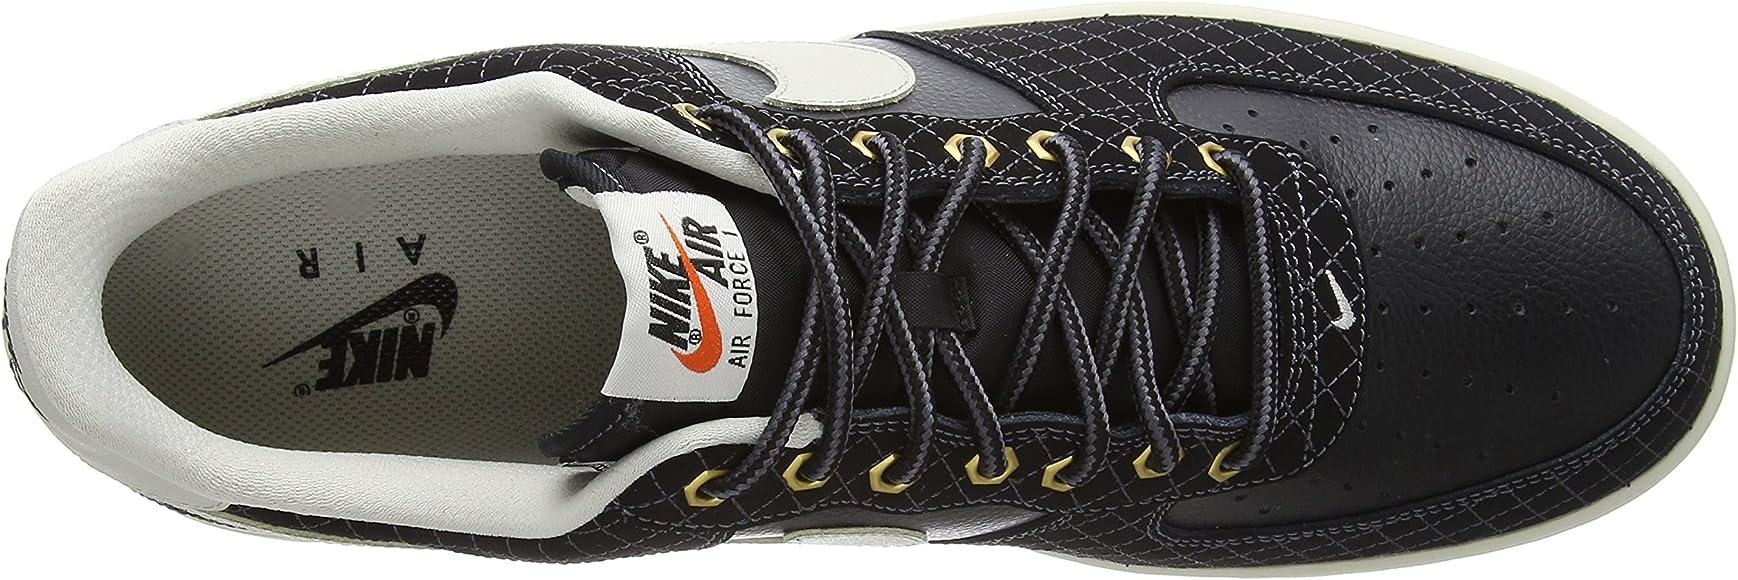 zapatillas hombre air force 1 baratas